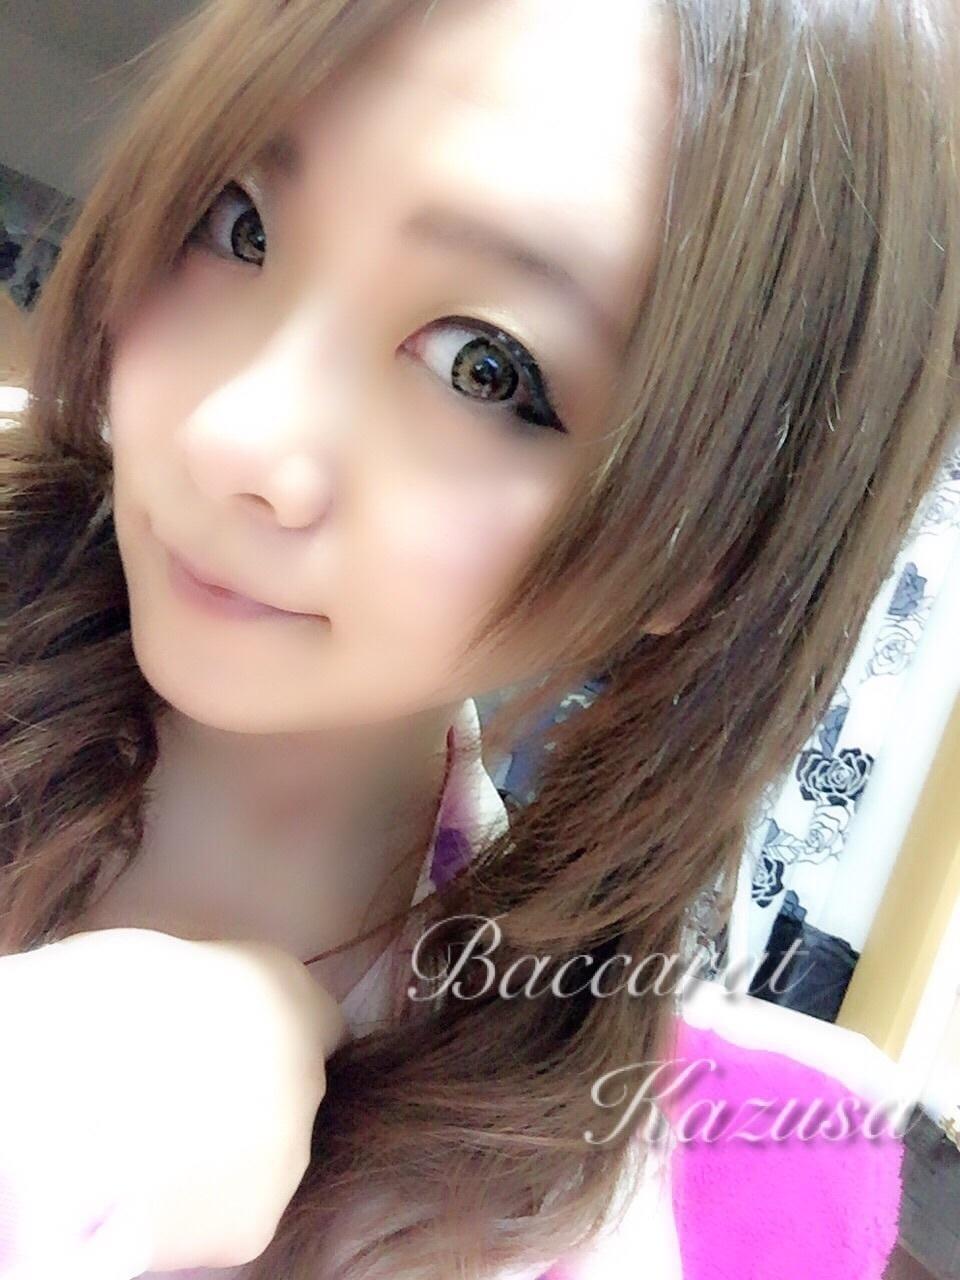 「☆フニャフニャ☆」06/17(06/17) 20:31 | かずさの写メ・風俗動画